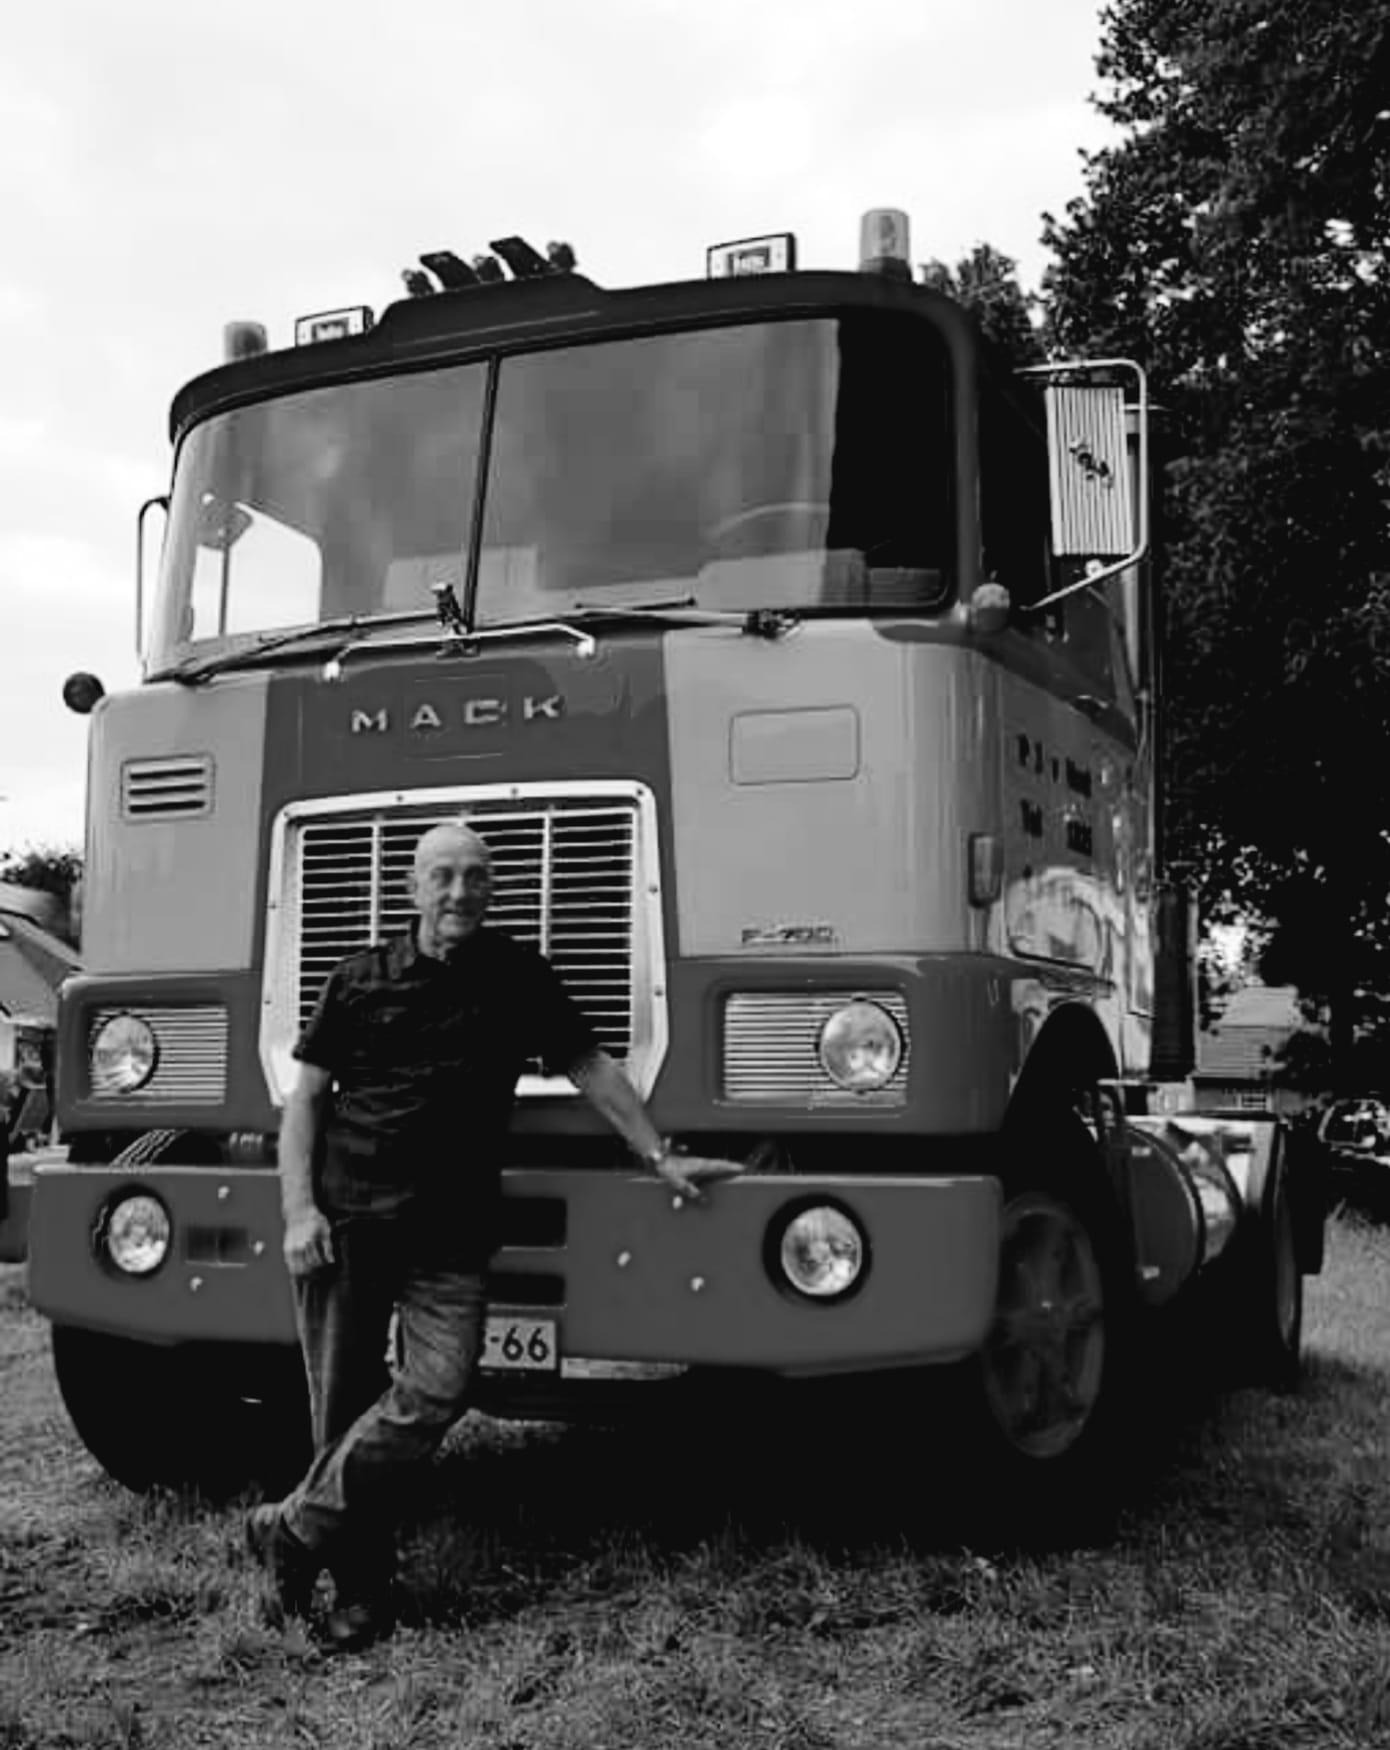 Mack-F700--48-MB-66-met-de-chauffeur-van-toen-Chauffeur-Romkens